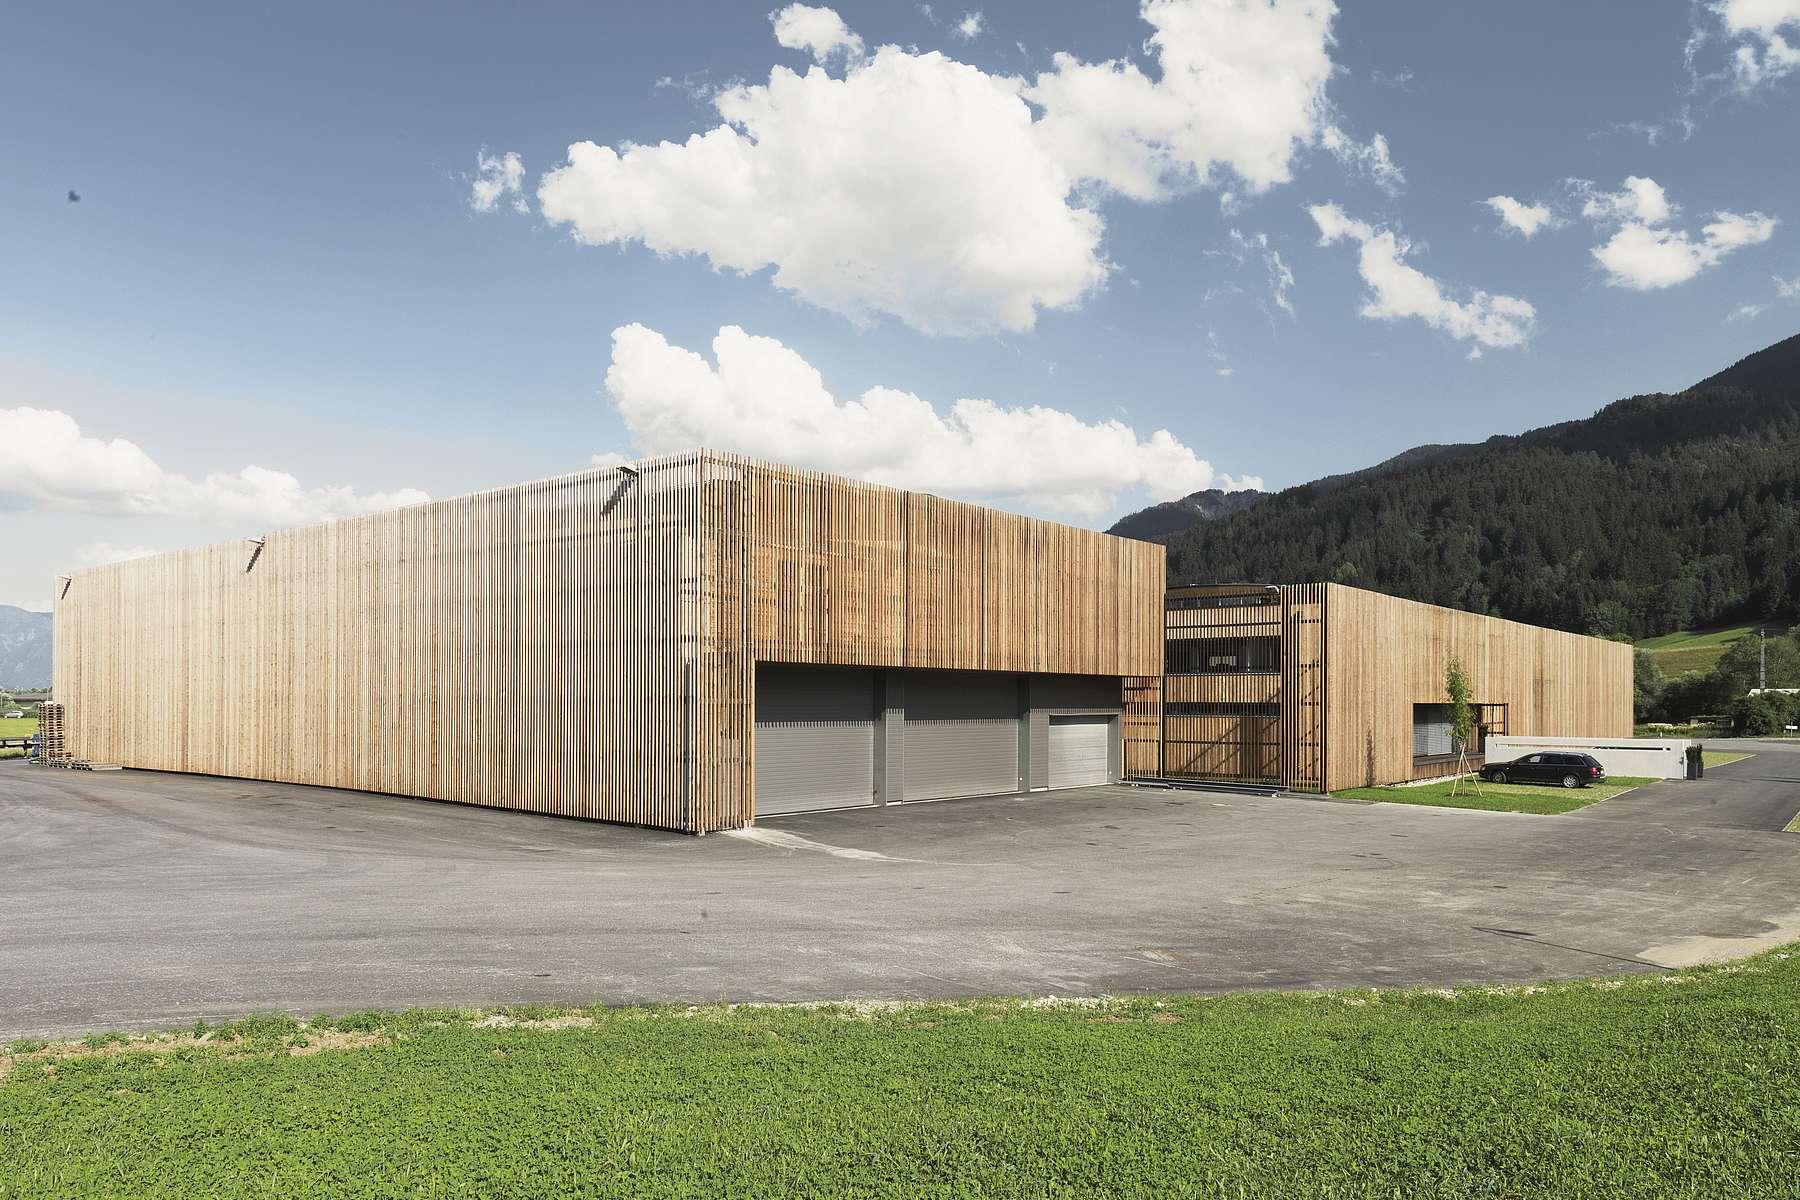 Weissenseer Compact Buildung-Factory